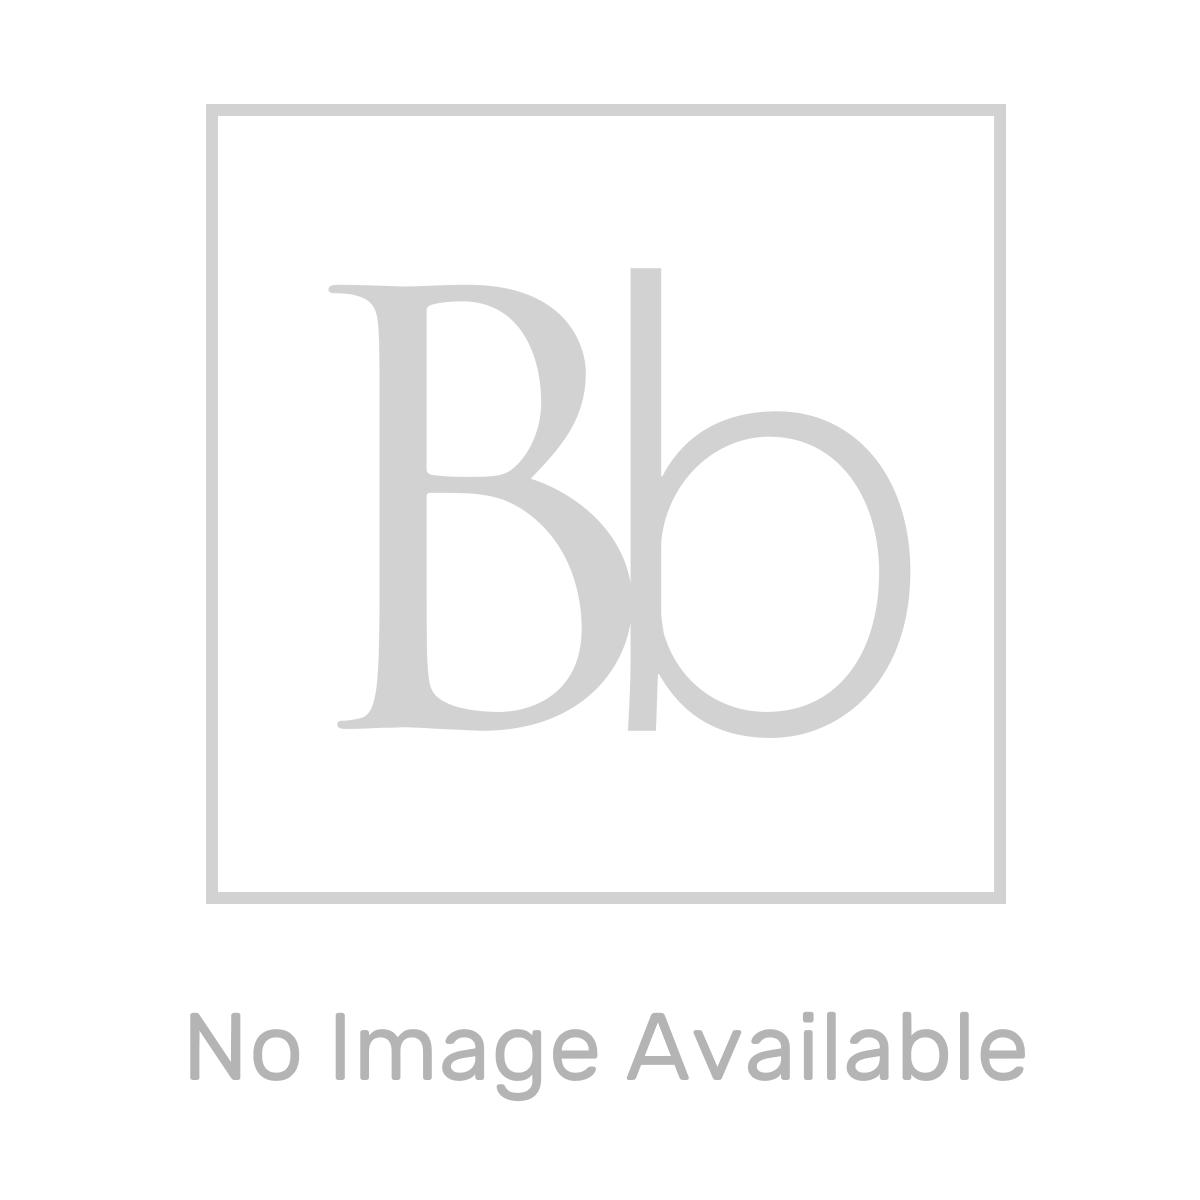 RAK Resort Comfort Height Back To Wall Toilet